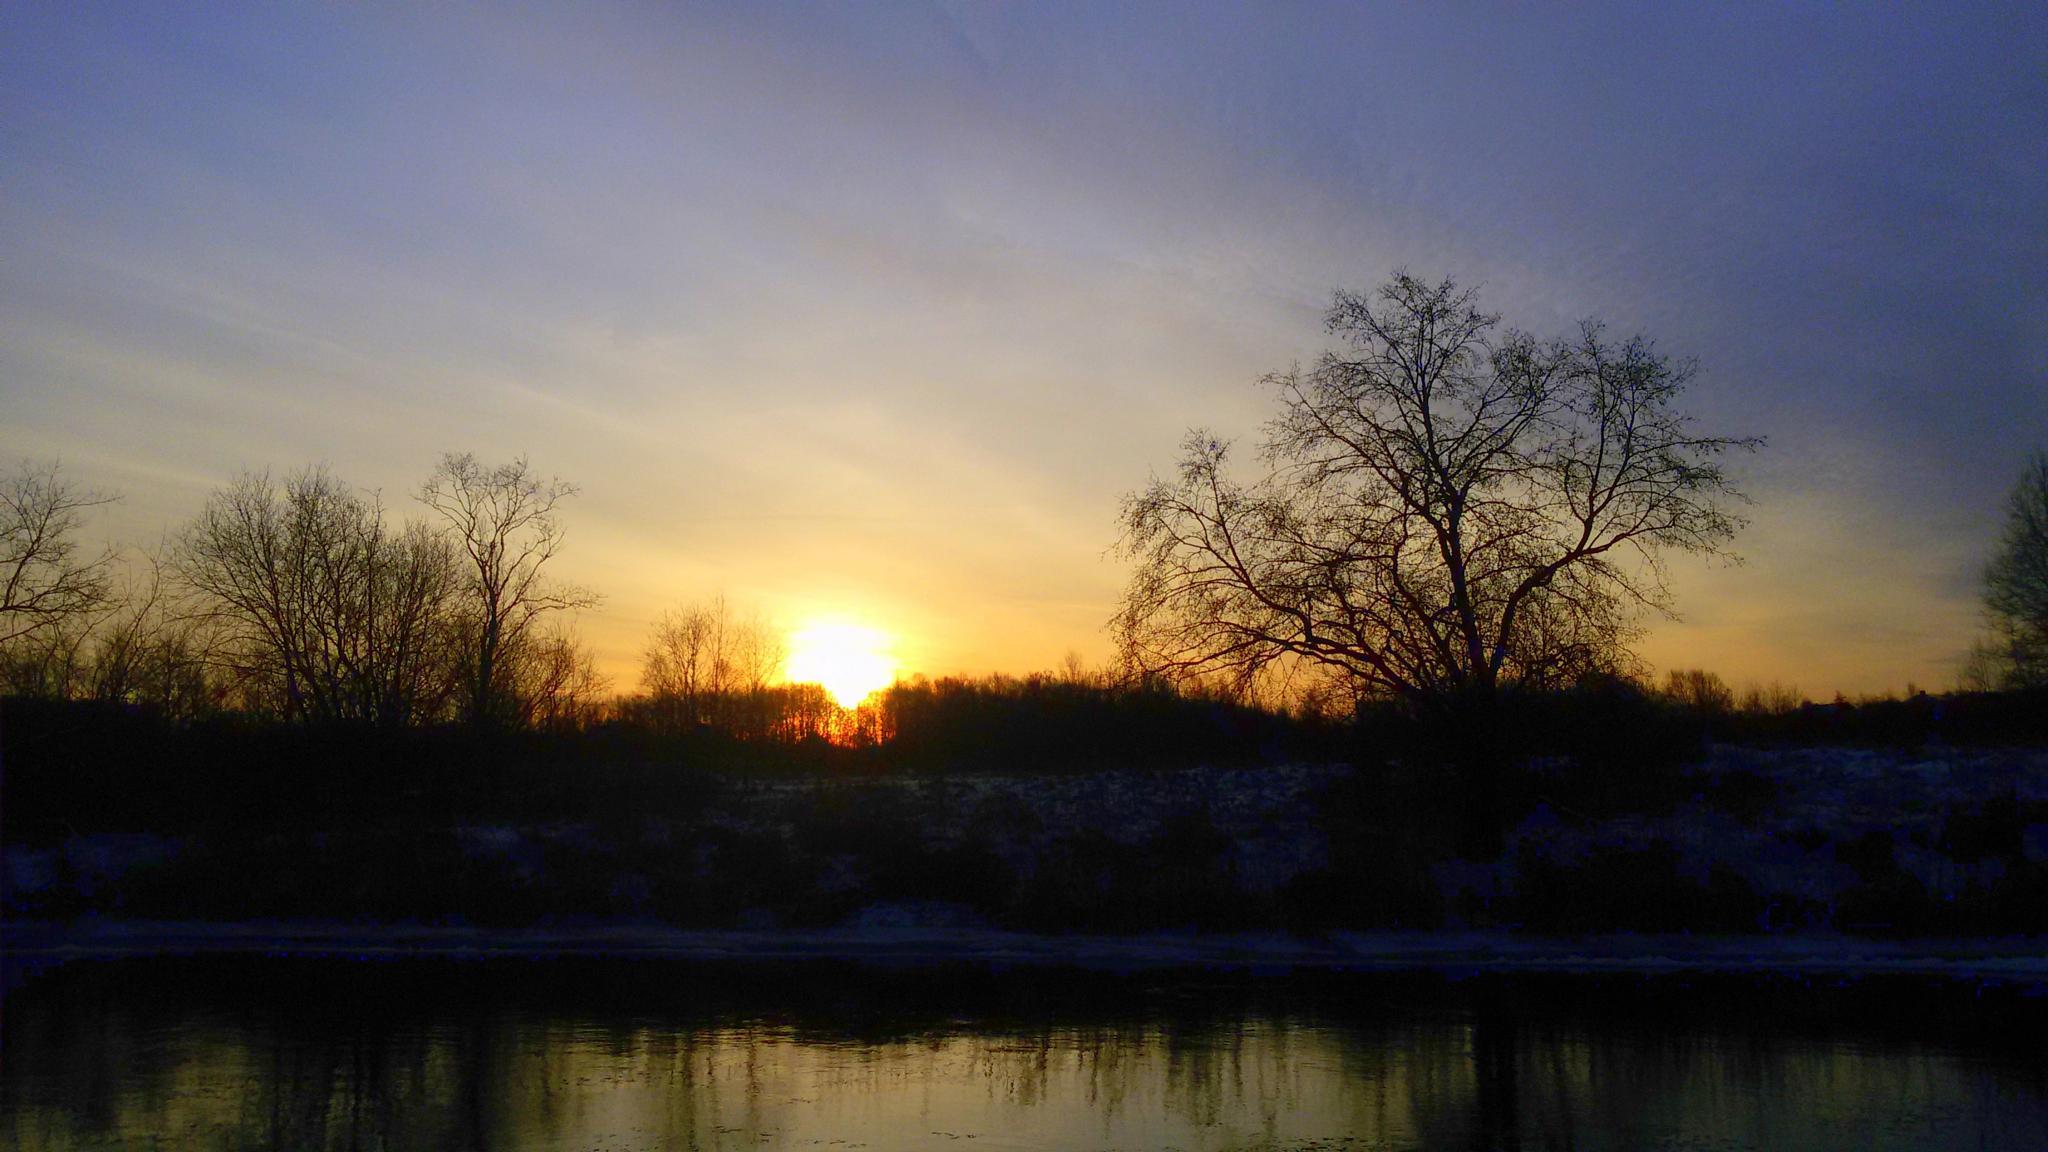 Winter sunrise by Zita Užkuraitienė